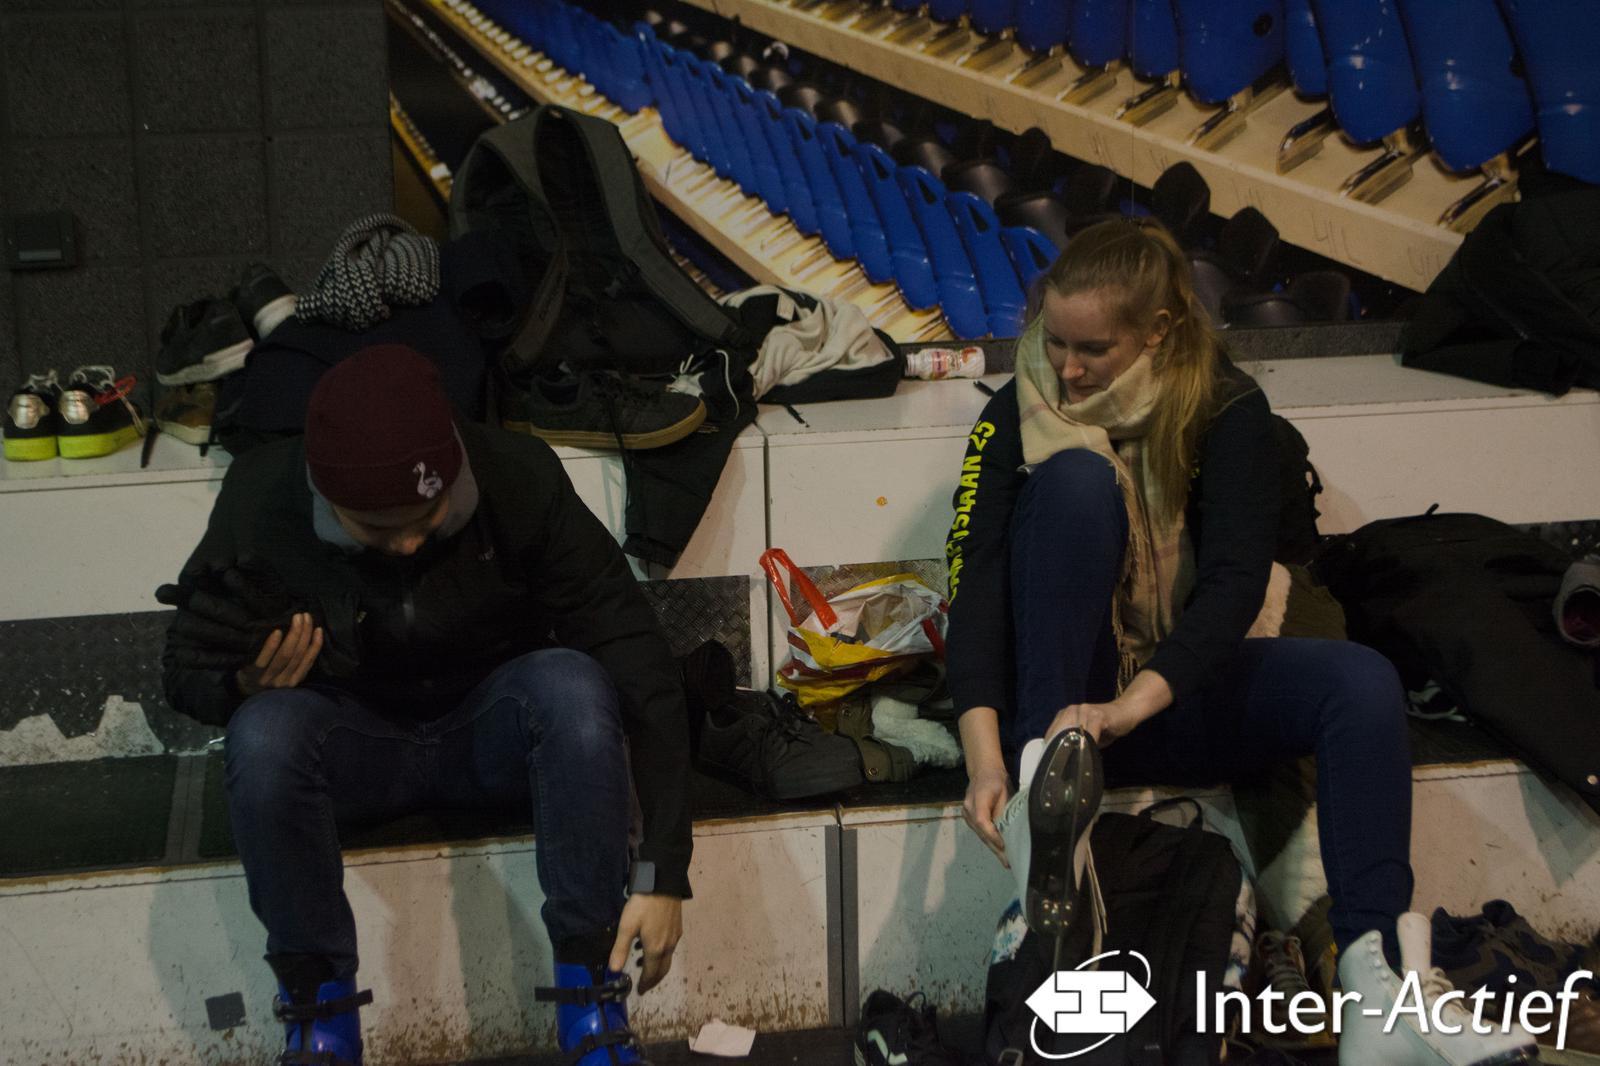 IceSkating20200116_NielsdeGroot-4.jpg